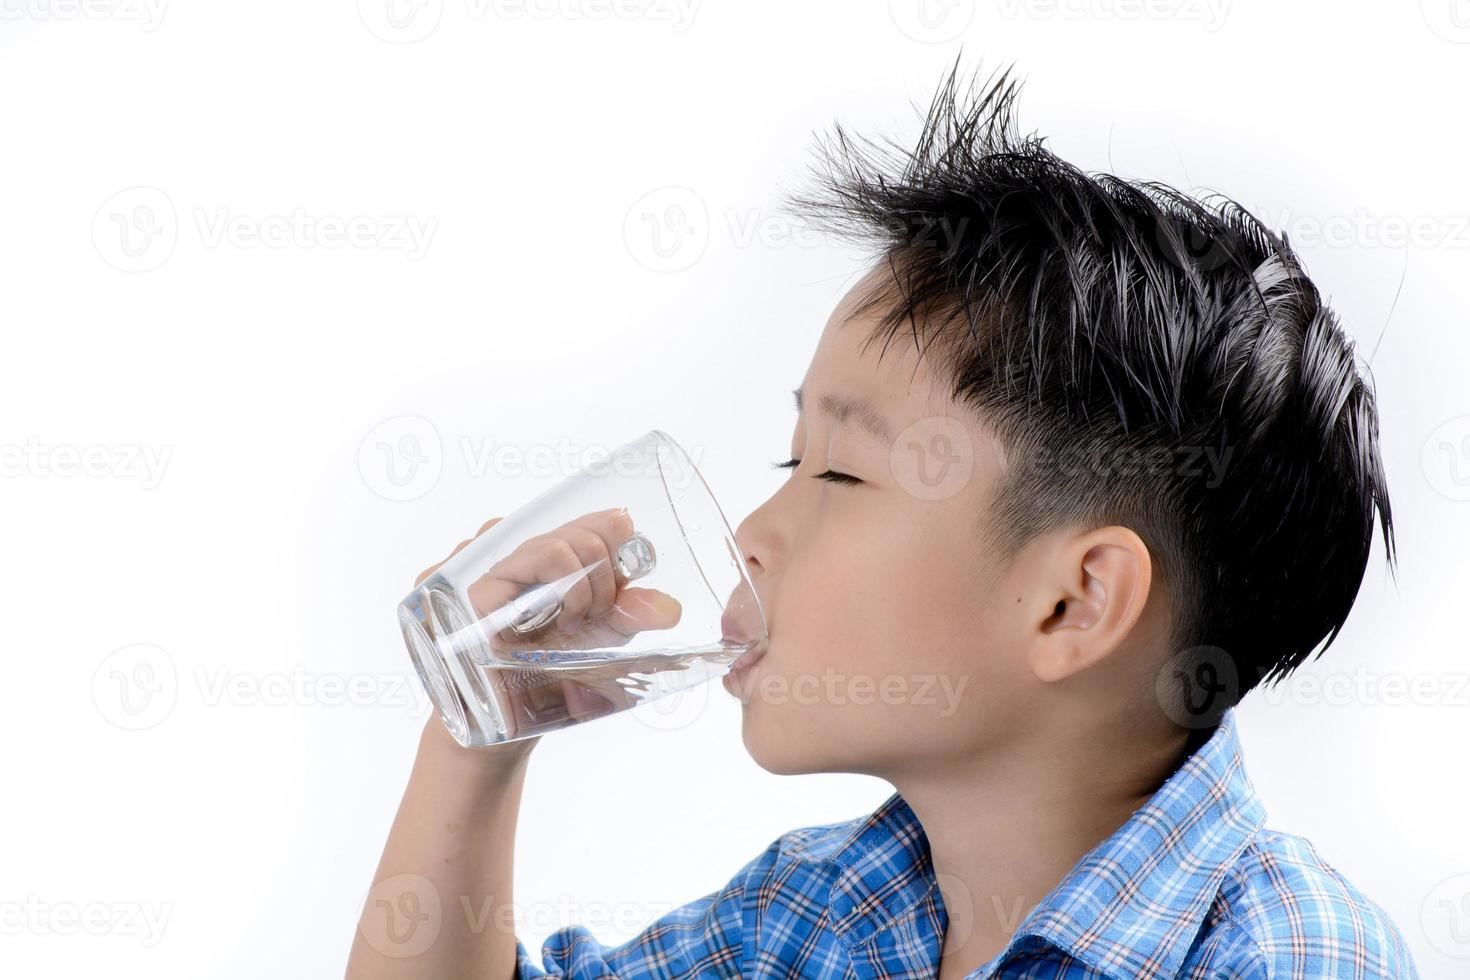 pojke dricker vatten med medicin foto